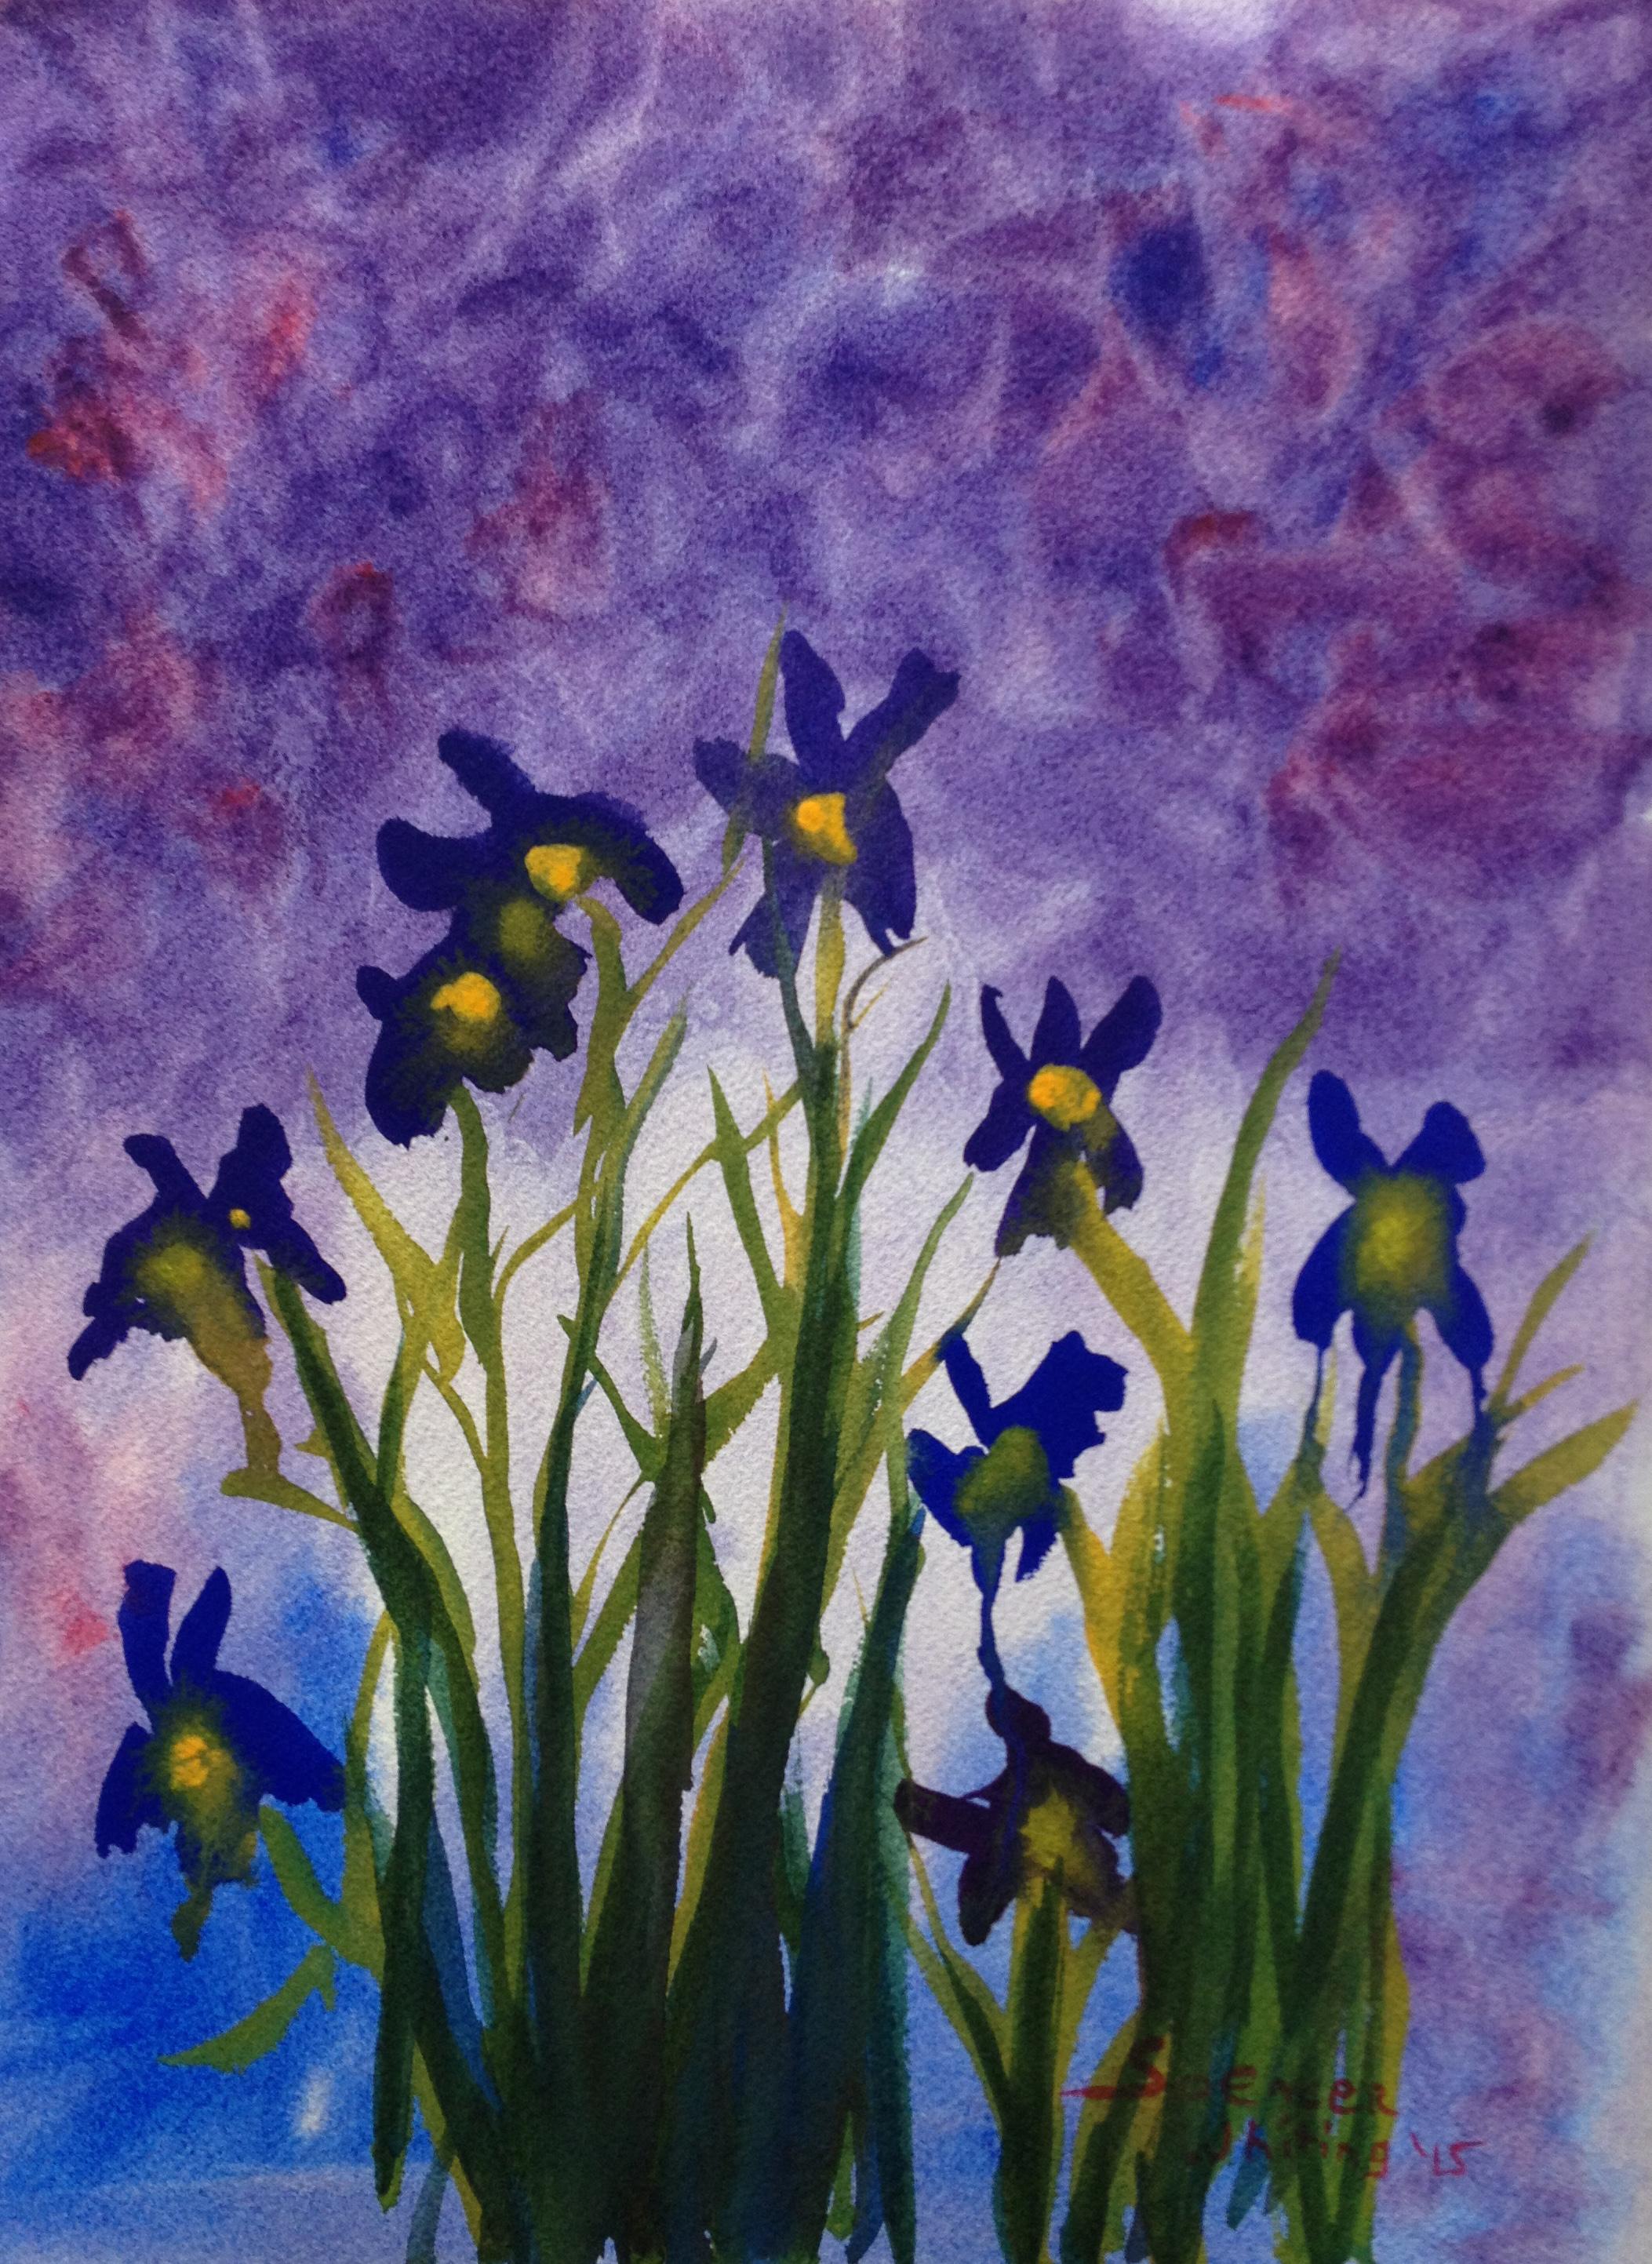 Irisis